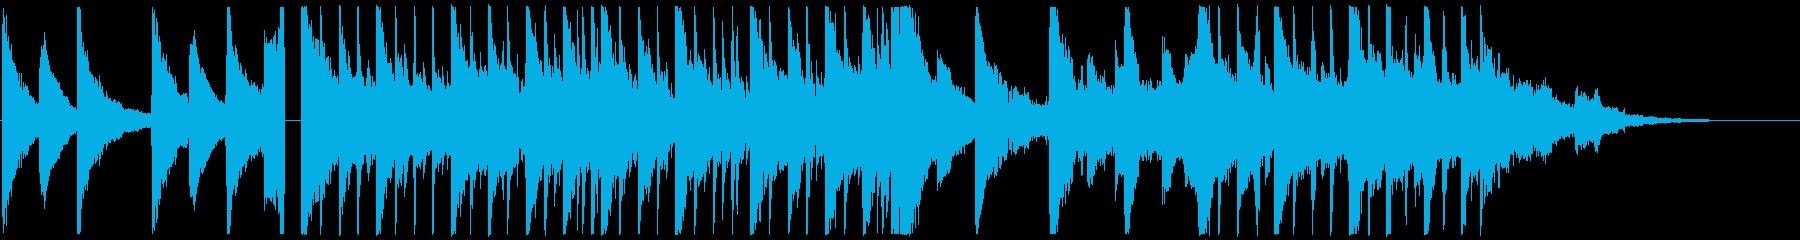 ピアノメインの優しいスローエレクトロニカの再生済みの波形